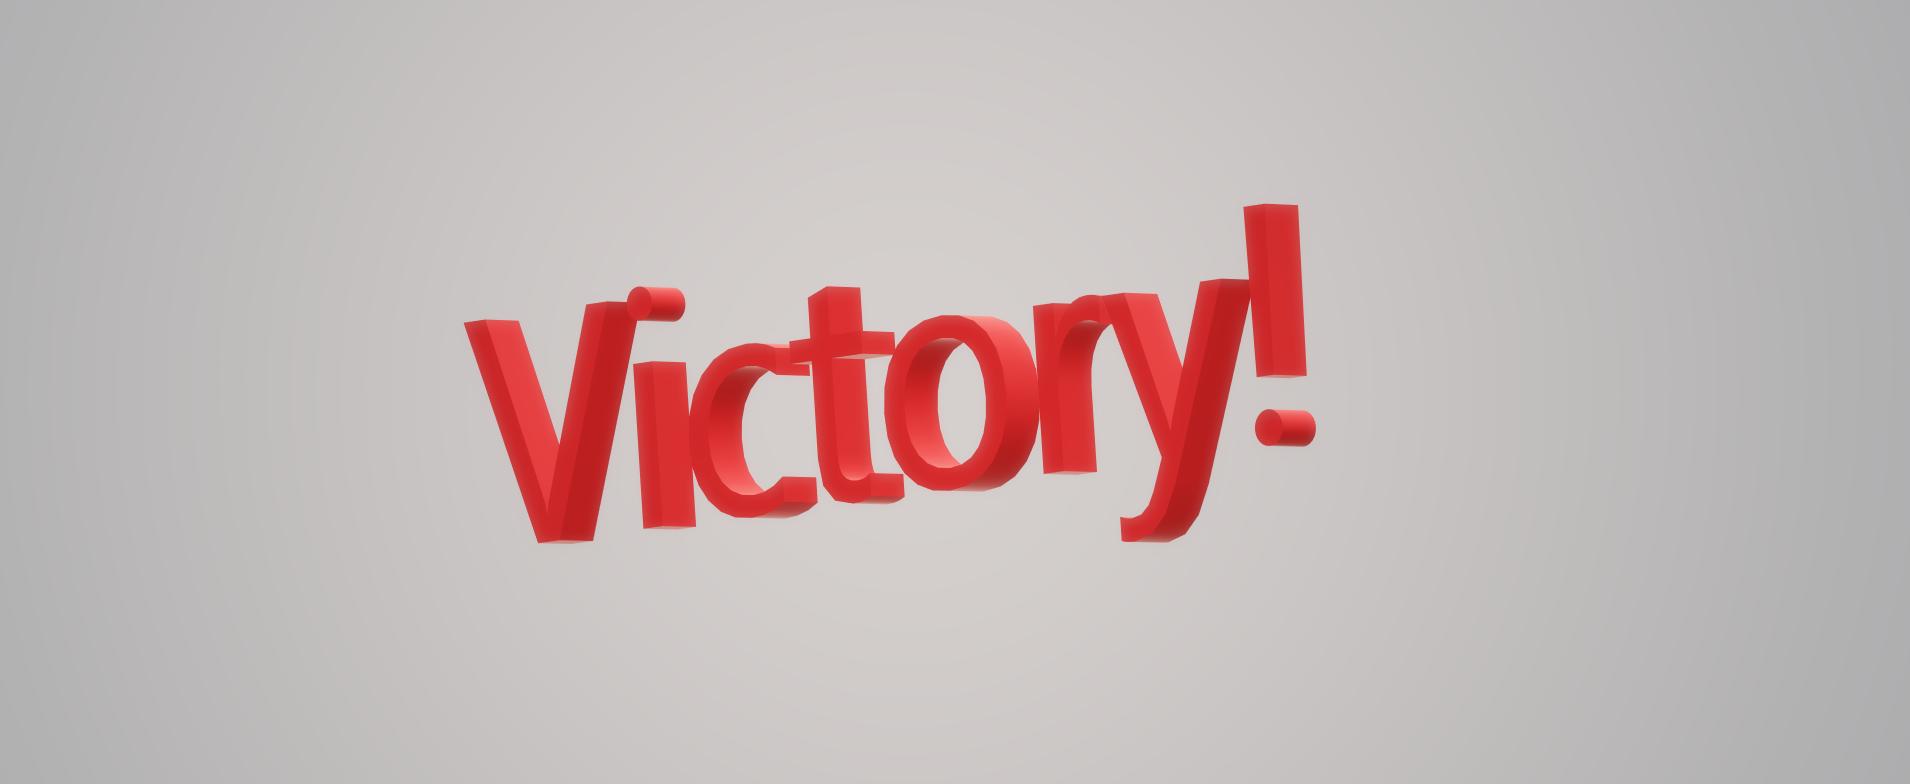 Victory 3D Aspect ratio.png